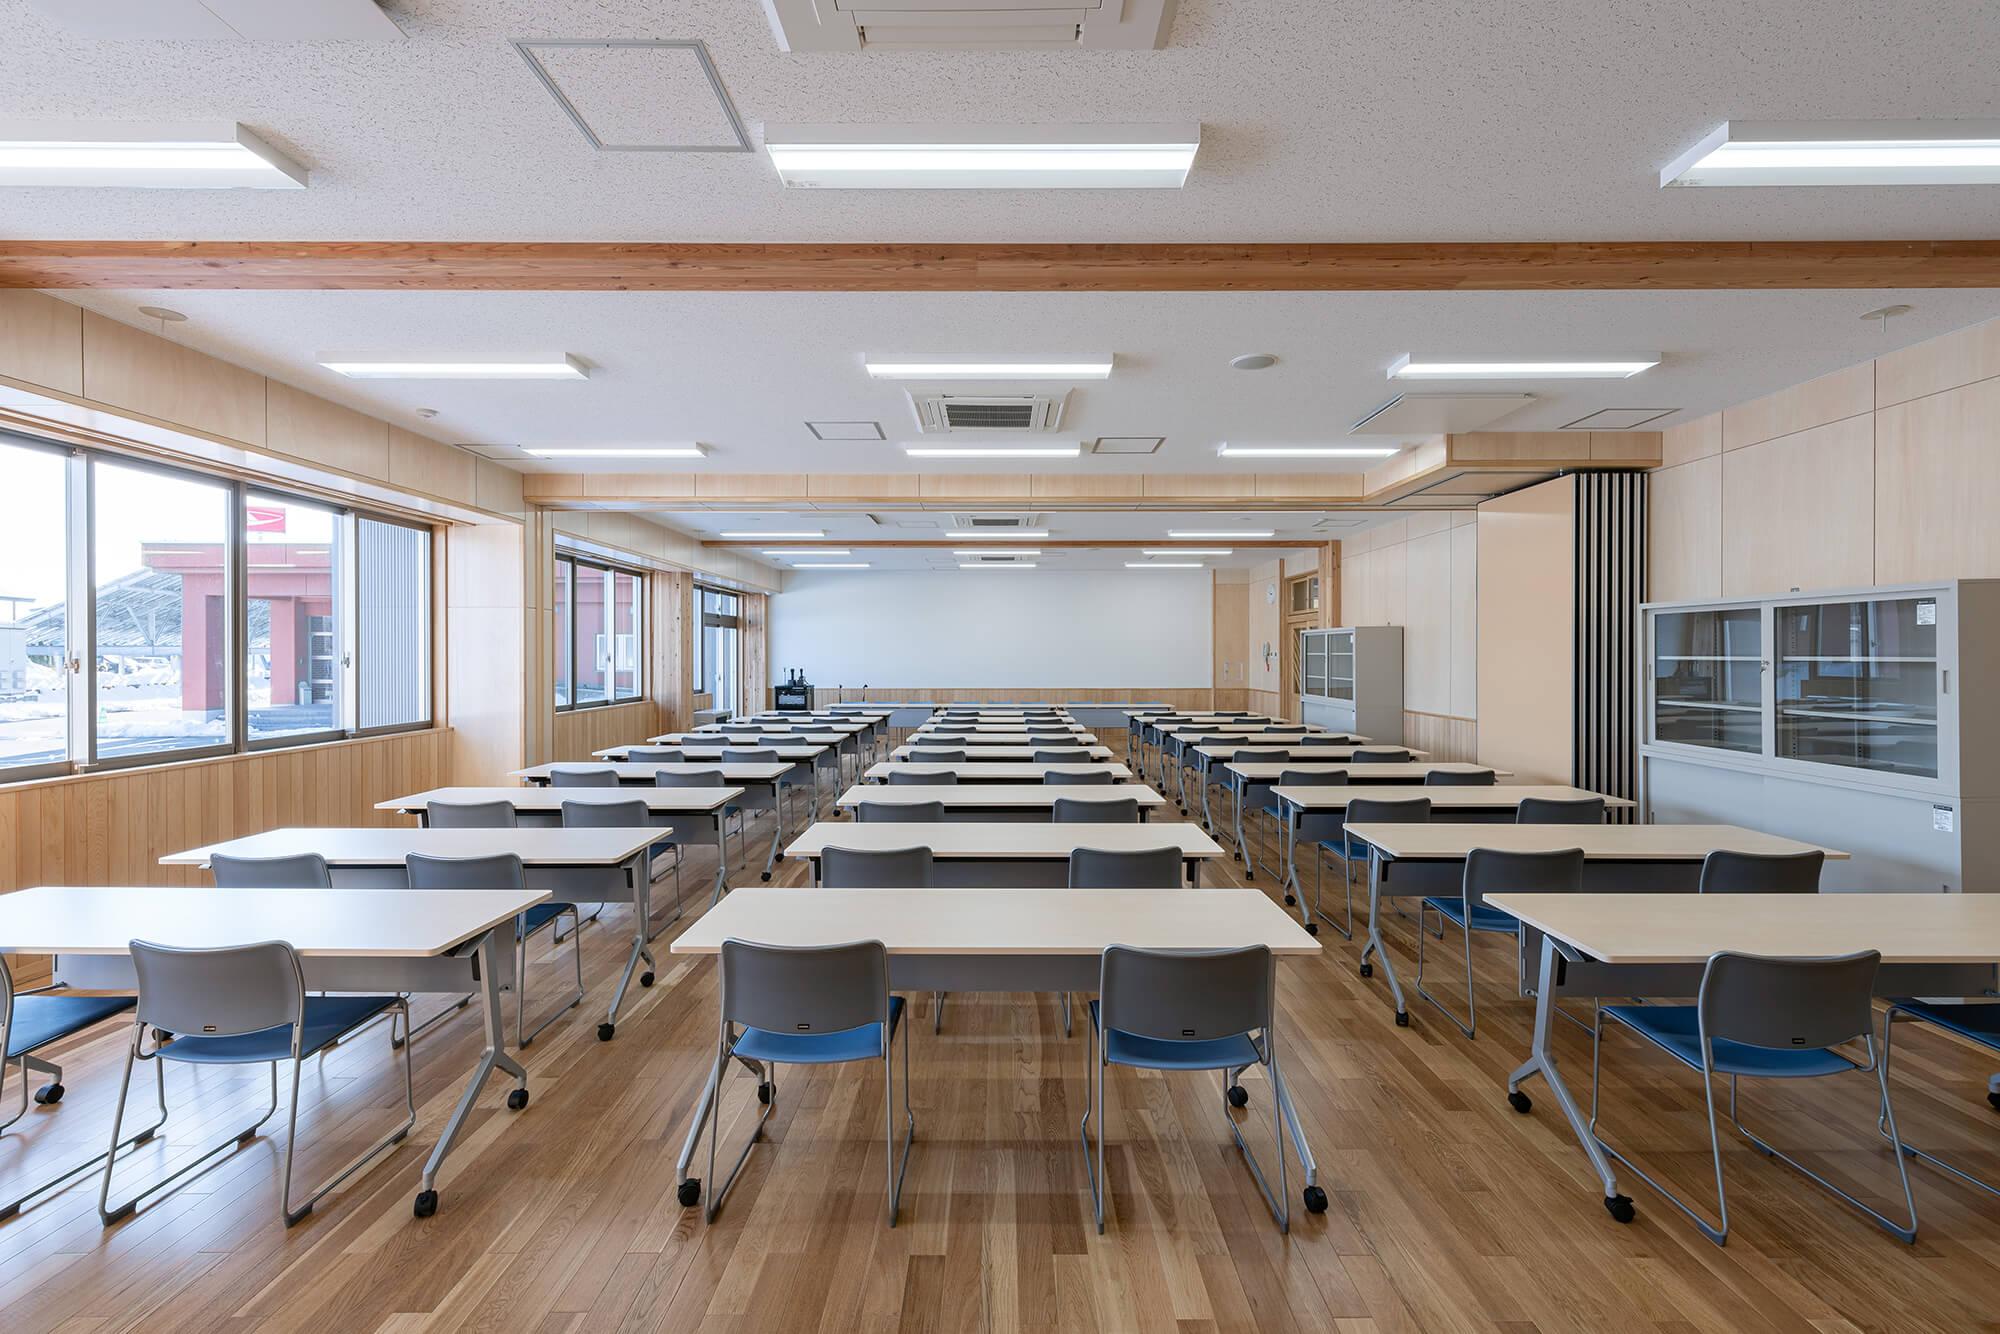 木造建築の施工事例:板柳中学校 9枚目